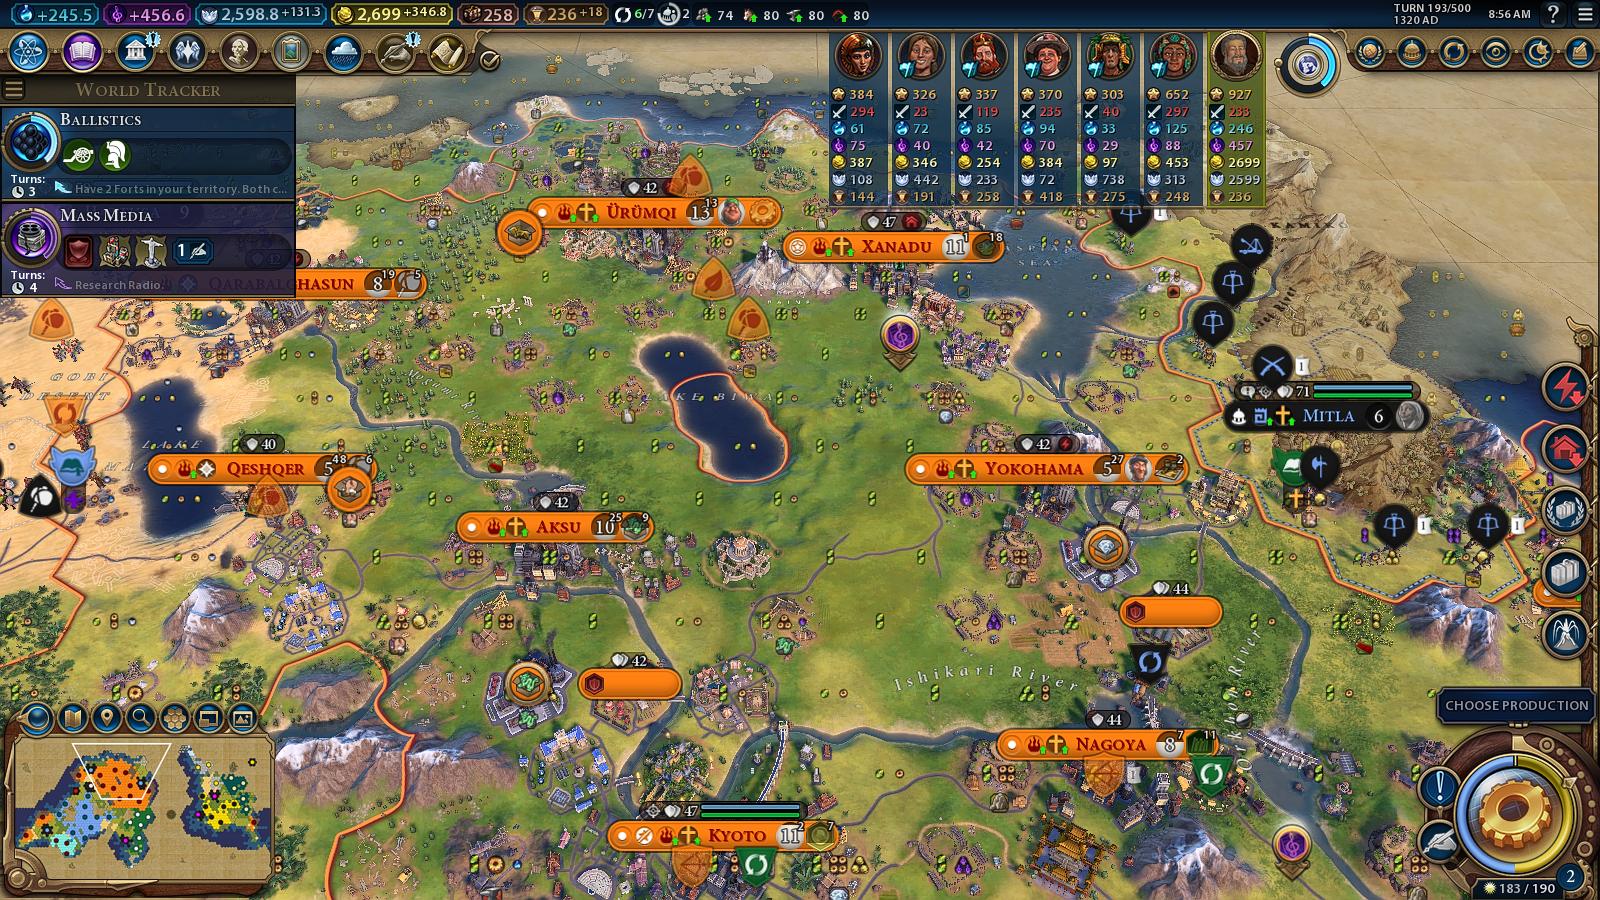 Sid Meier's Civilization VI Screenshot 2021.02.03 - 08.56.27.18.png